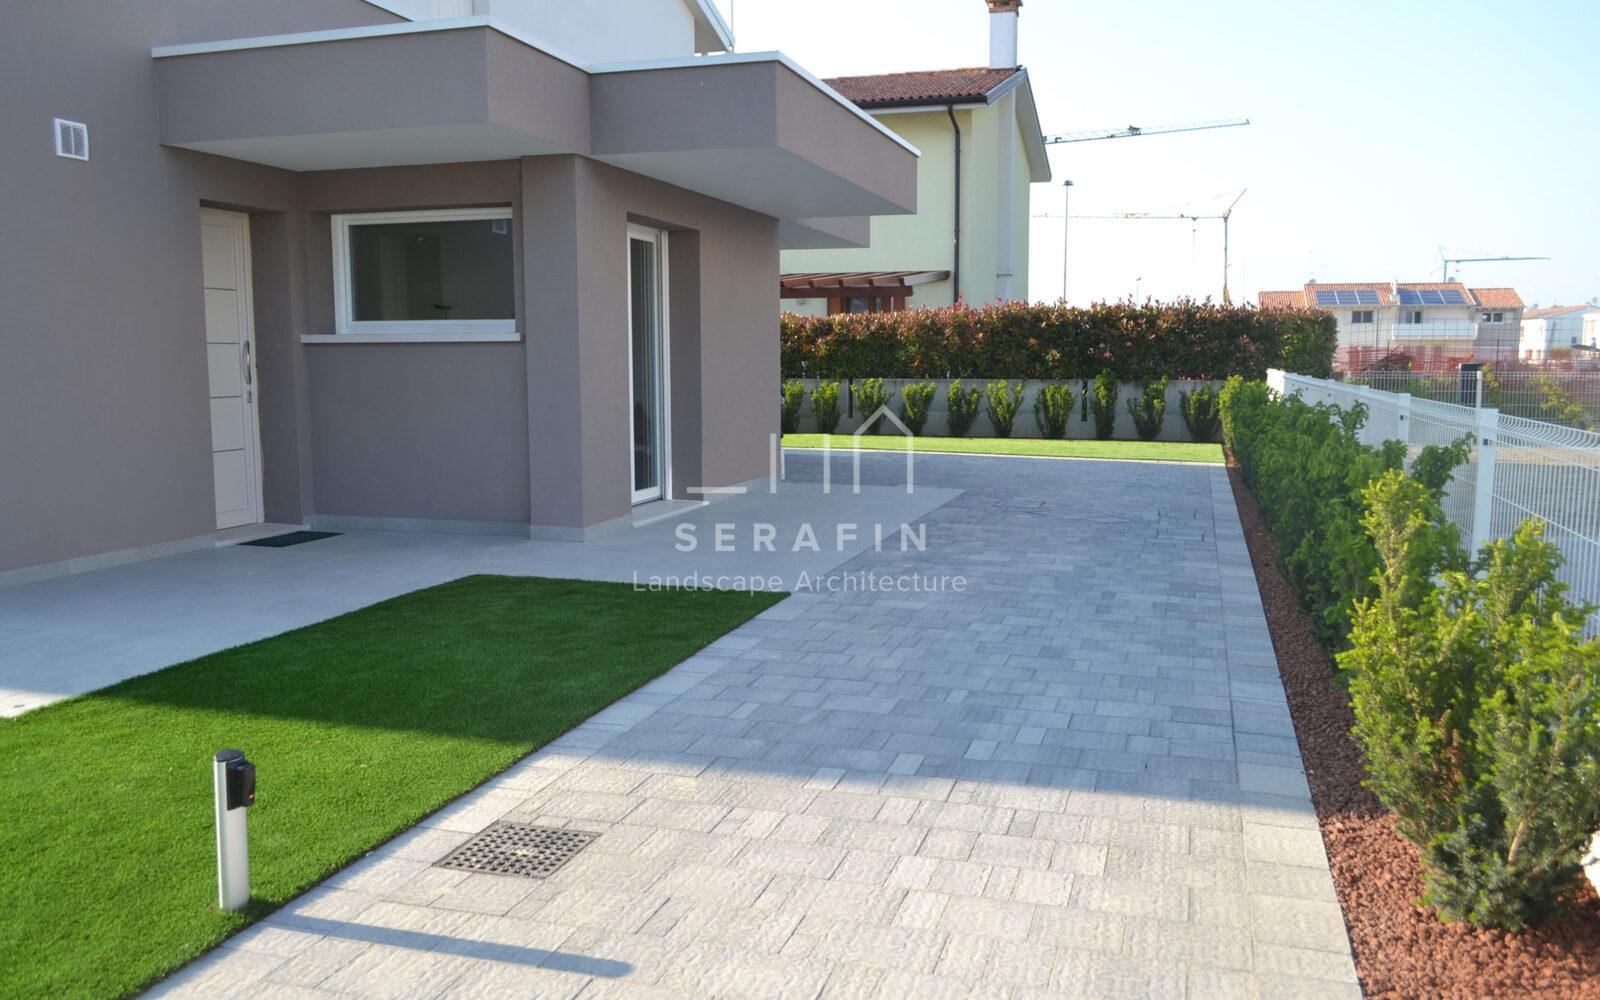 giardino privato con tappeto d'erba sintetica - 2